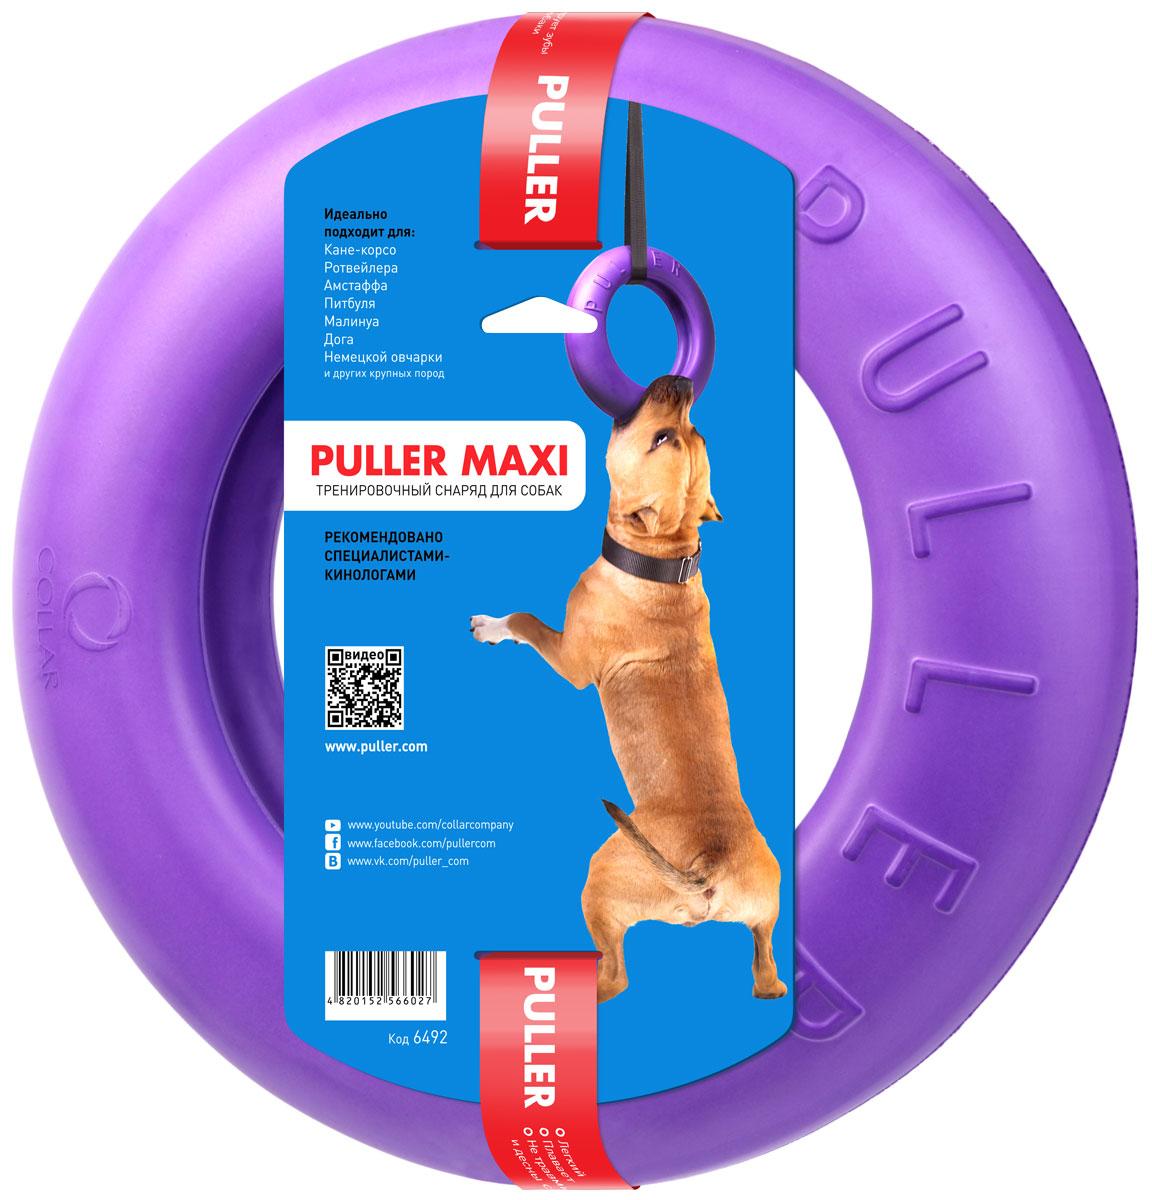 Тренировочный снаряд Puller Мaxi, цвет: фиолетовый6492Тренировочный снаряд Puller Мaxi специально адаптирован для крупных пород собак. Это прекрасный тренажер для развития челюстей а также правильной и крепкой хватки собаки. С Puller Мaxi доступны такие упражнения как: подвисание (подходит для СПРИНГПОЛА), перетяжка, плавание. Большая толщина и при этом достаточно мягкий материал, дает собаке огромное удовольствие, когда она держит его в своих зубах. Состоит из одного кольца.